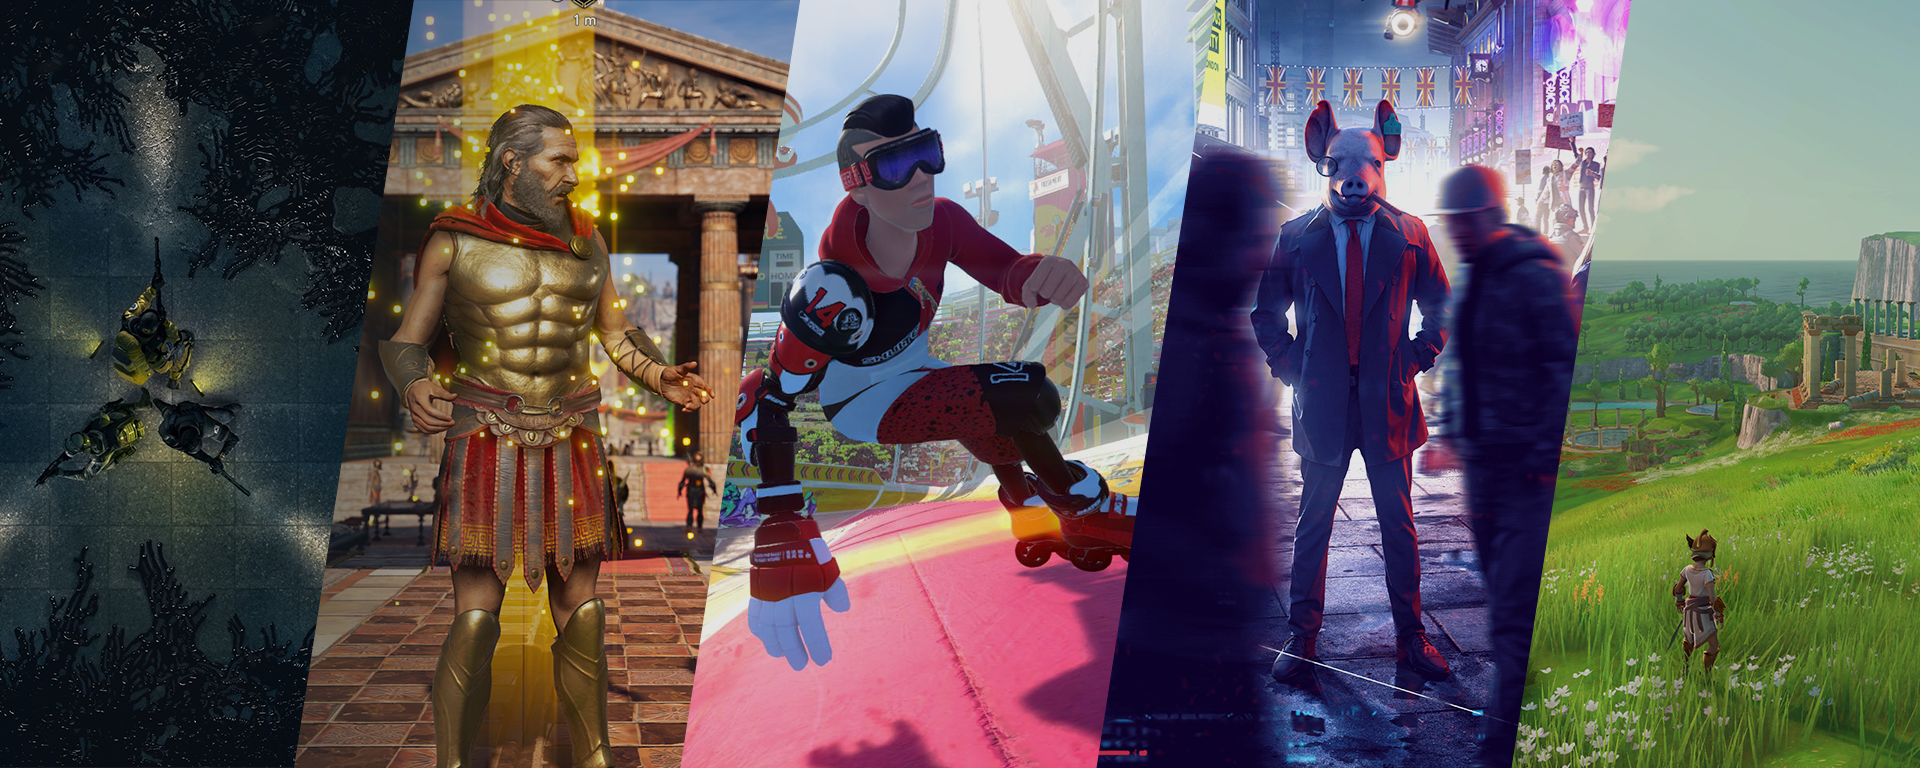 Cinq nouveaux jeux : l'expertise québécoise et canadienne d'Ubisoft à son meilleur!